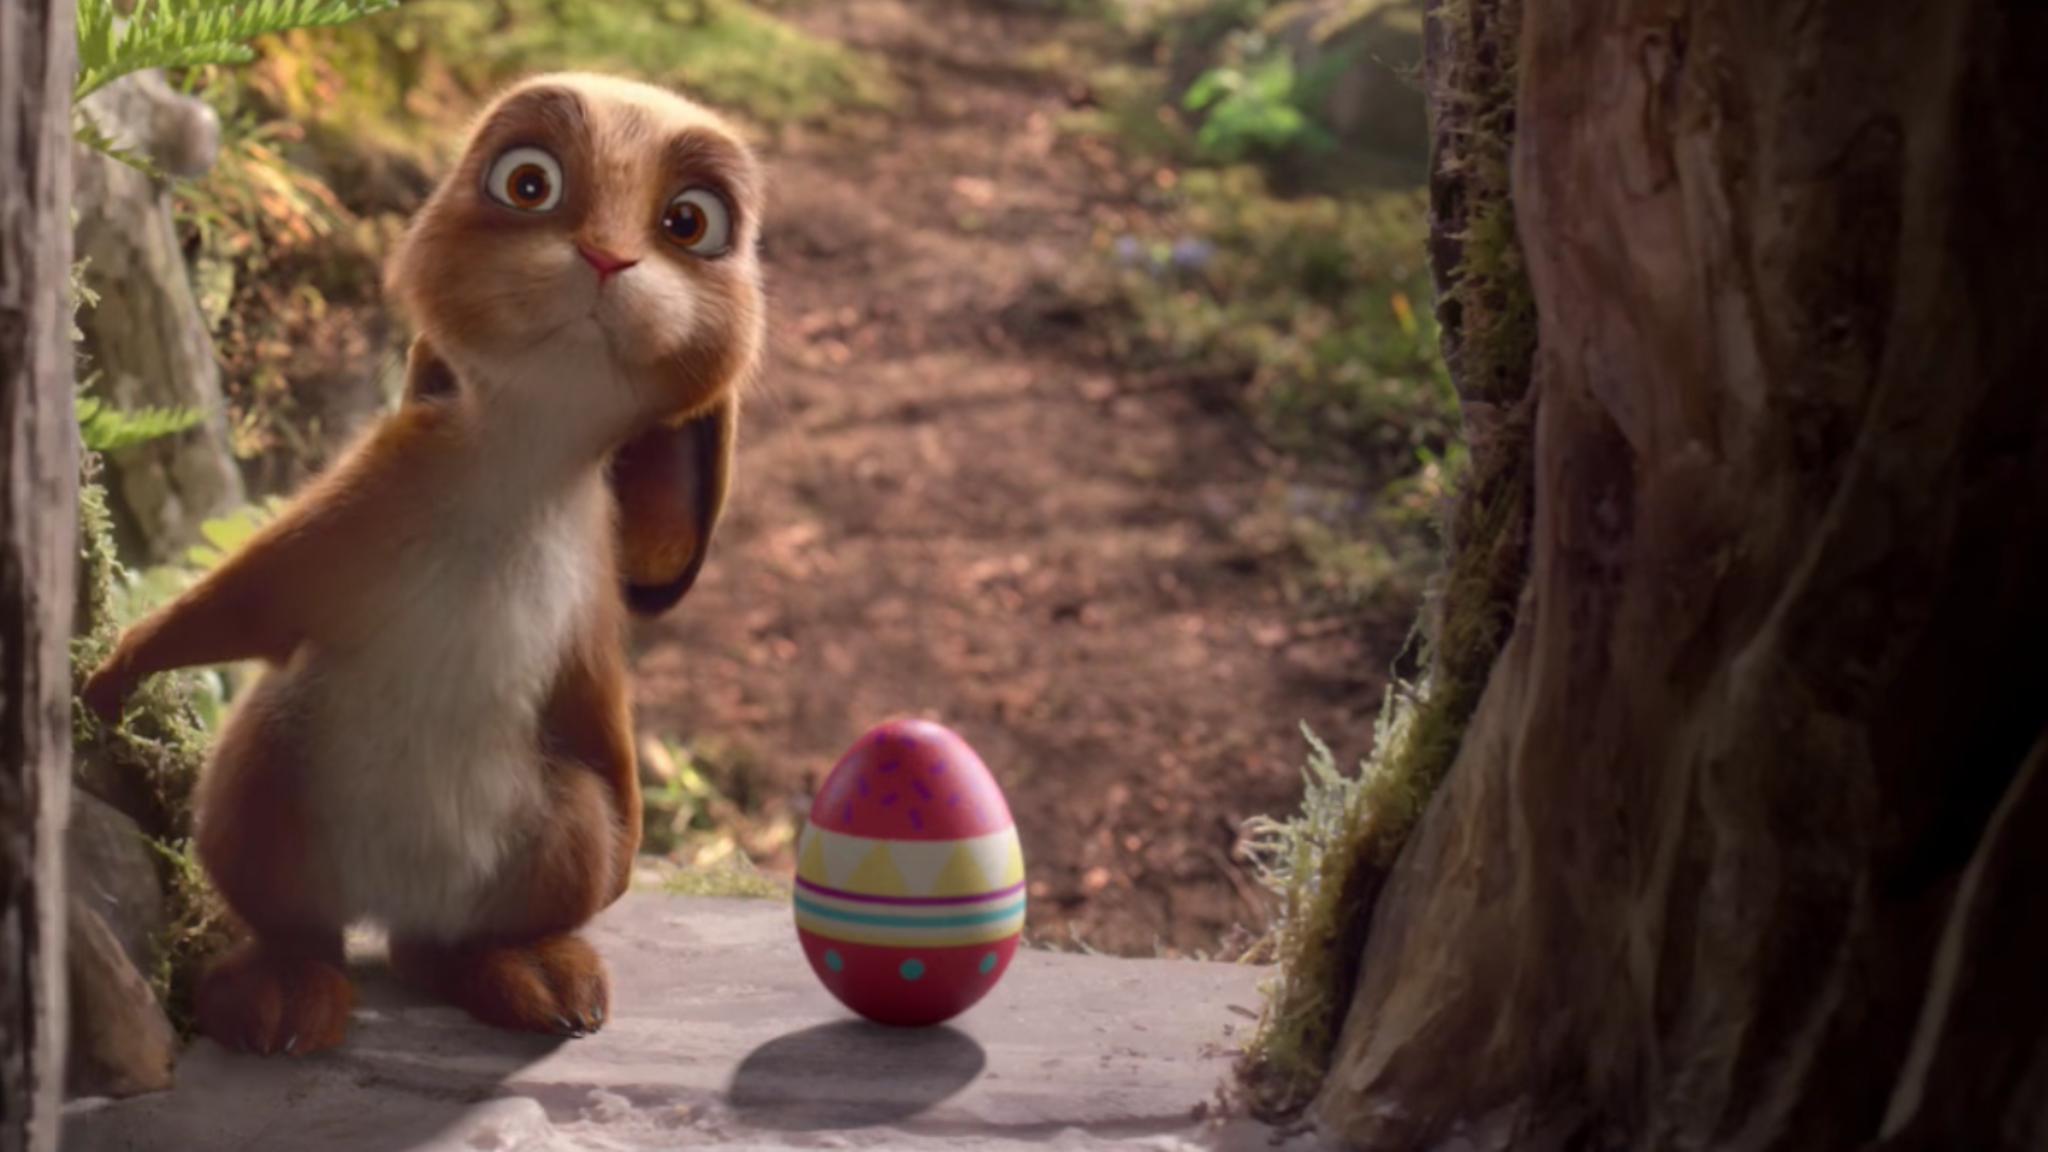 Werbespot Erklärt Warum Der Osterhase Eier Legt Sternde